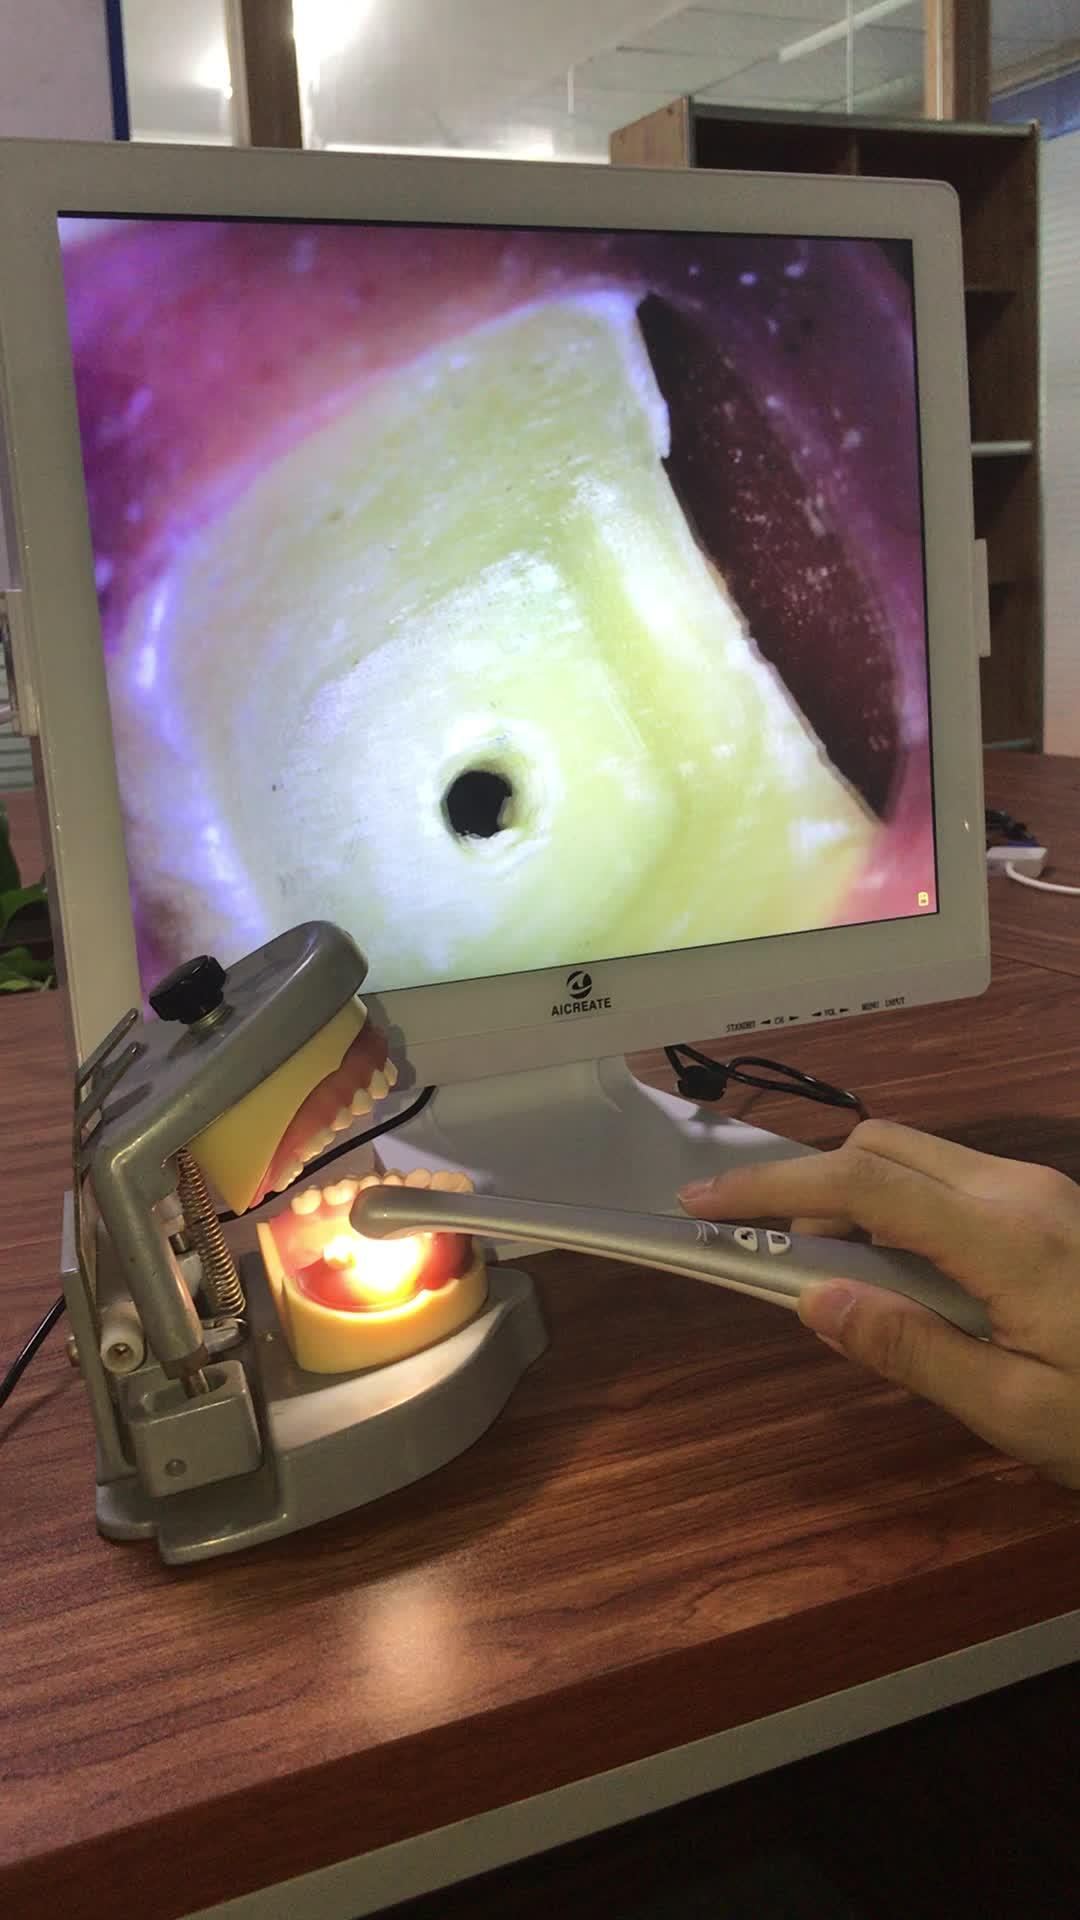 高品質歯カメラ歯科口腔内カメラ 1280*1024 17 インチモニター